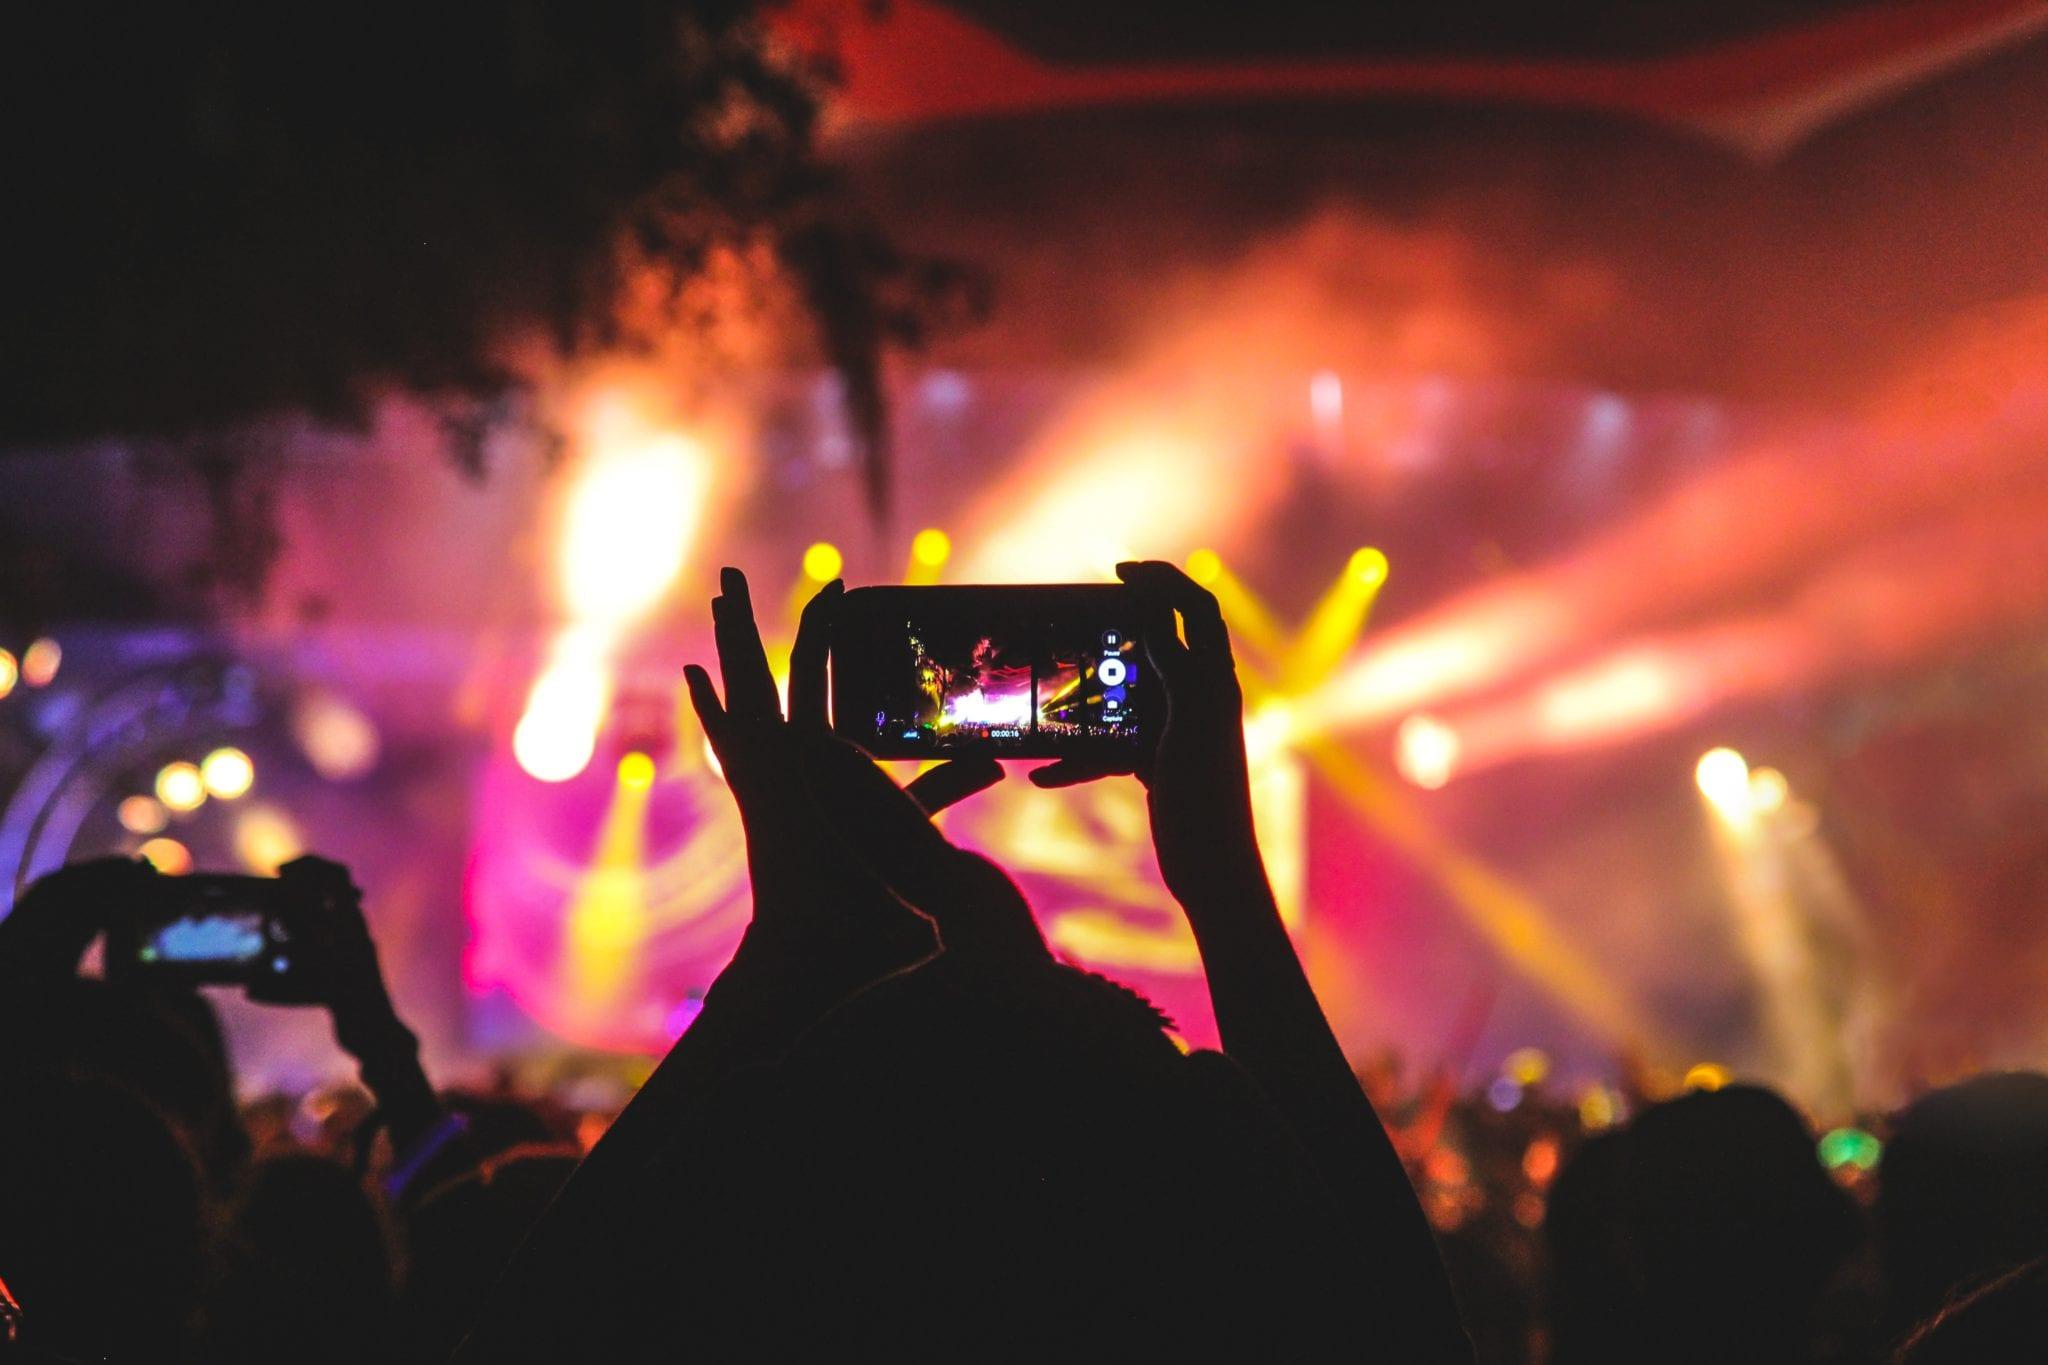 La Música En Las Historias De Instagram 2heart